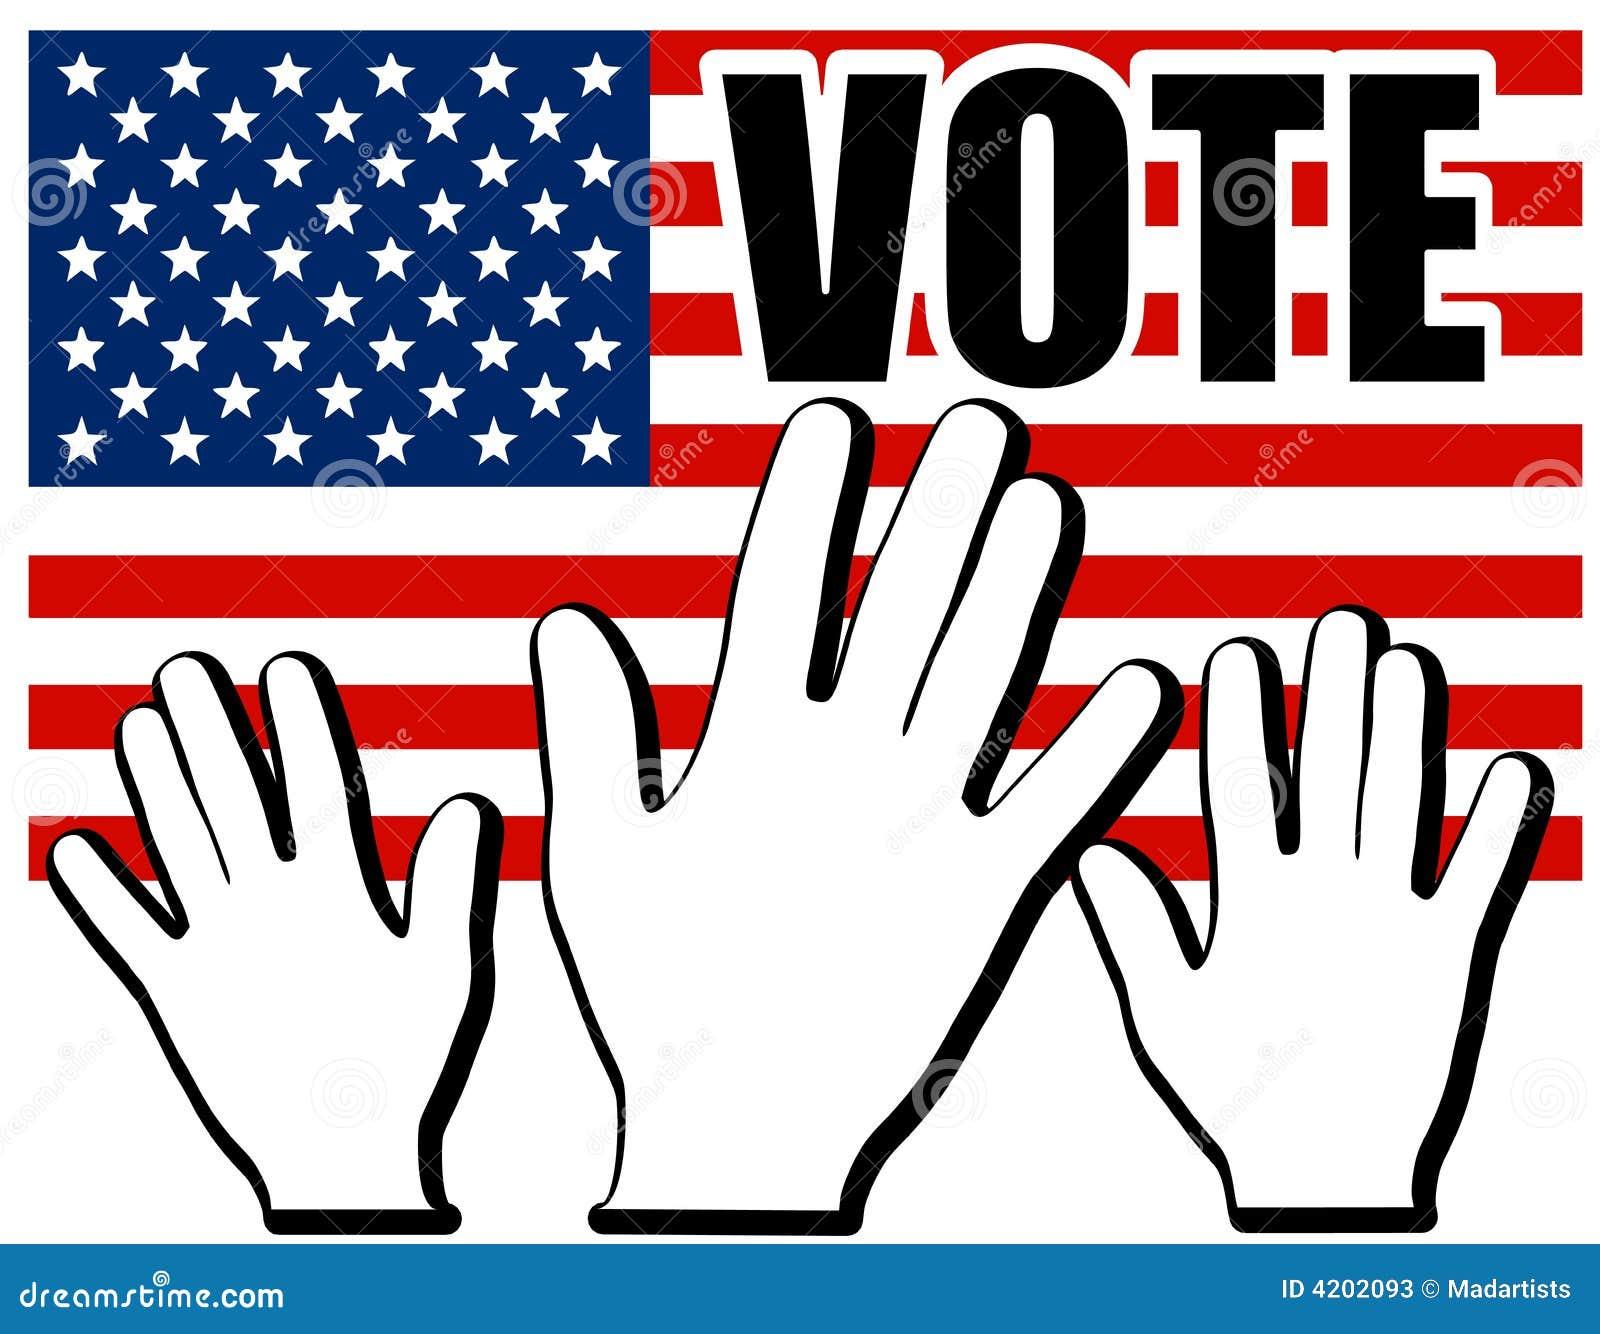 cb22d983846e Hands Of America US Vote Flag Stock Illustration - Illustration of ...